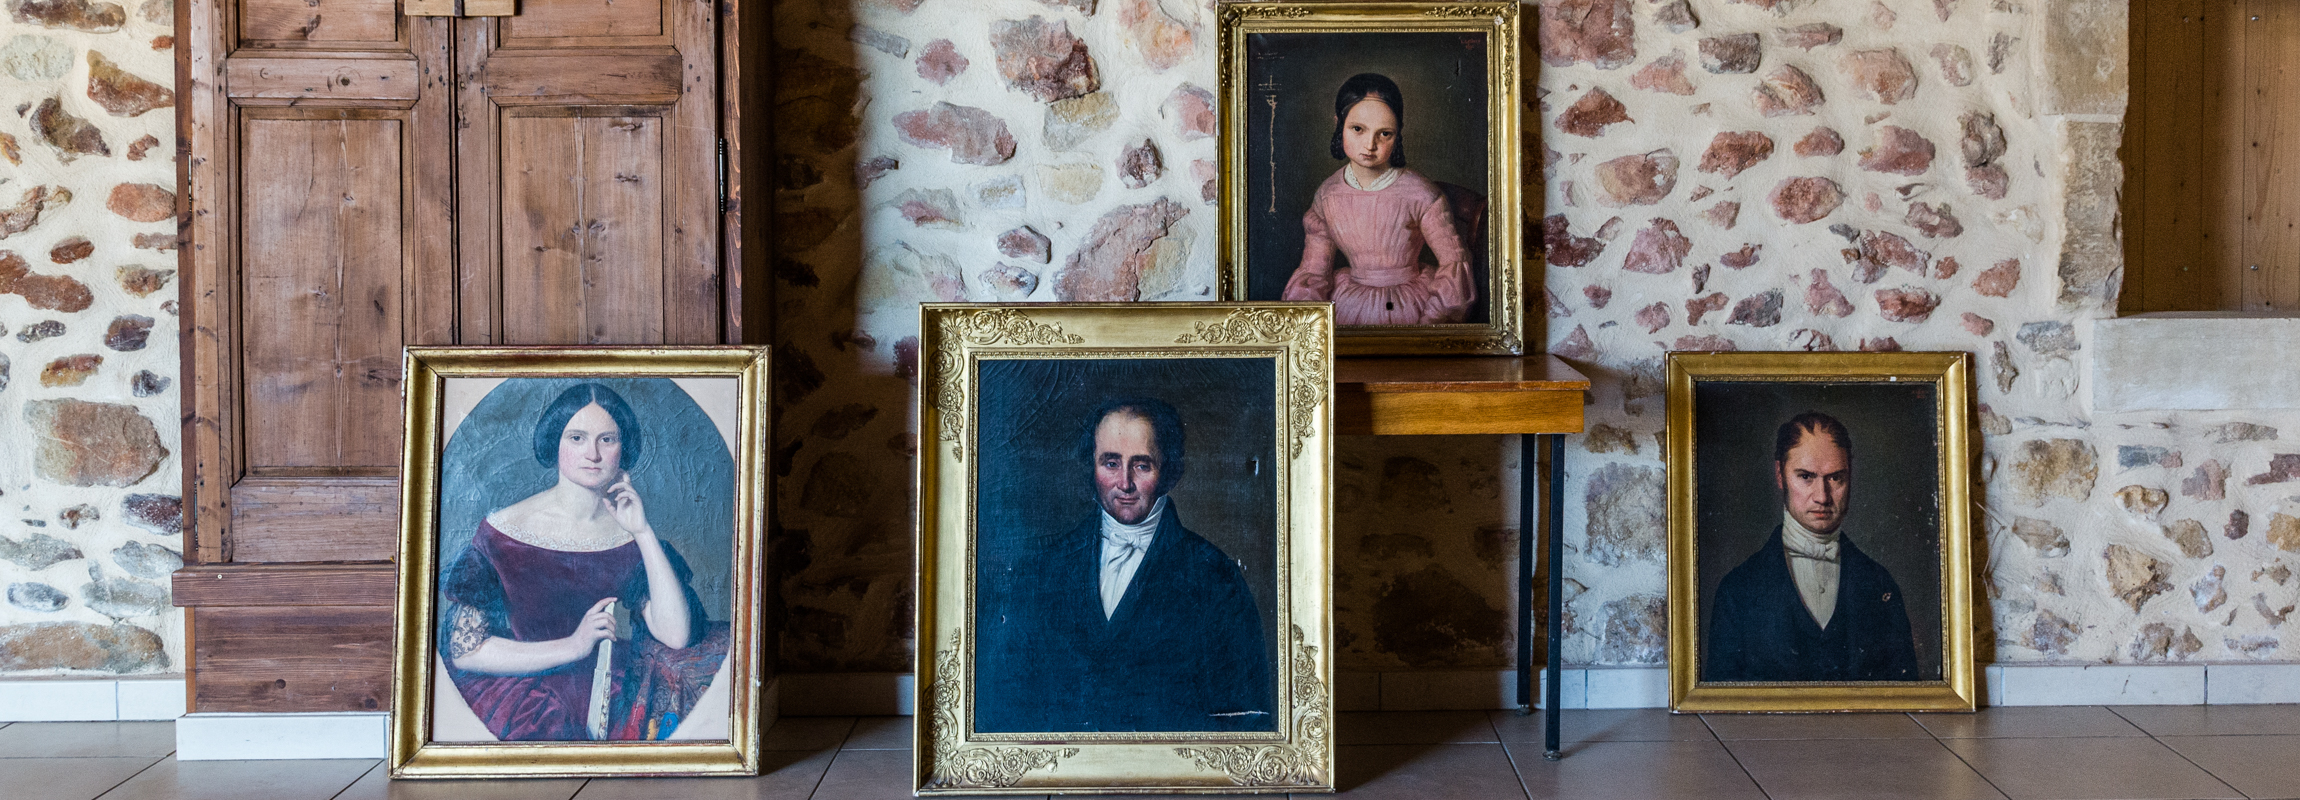 Les quatre portraits montrent le constructeur du Château de Montcaud, Alexandre Eugène Collain et trois de ses proches. Située en Provence, dans le sud de la France, la propriété fut transformée une première fois en hôtel dans les années 1990. Après de vastes travaux de rénovation l'établissement a ouvert à nouveau ses portes à l'été 2018.